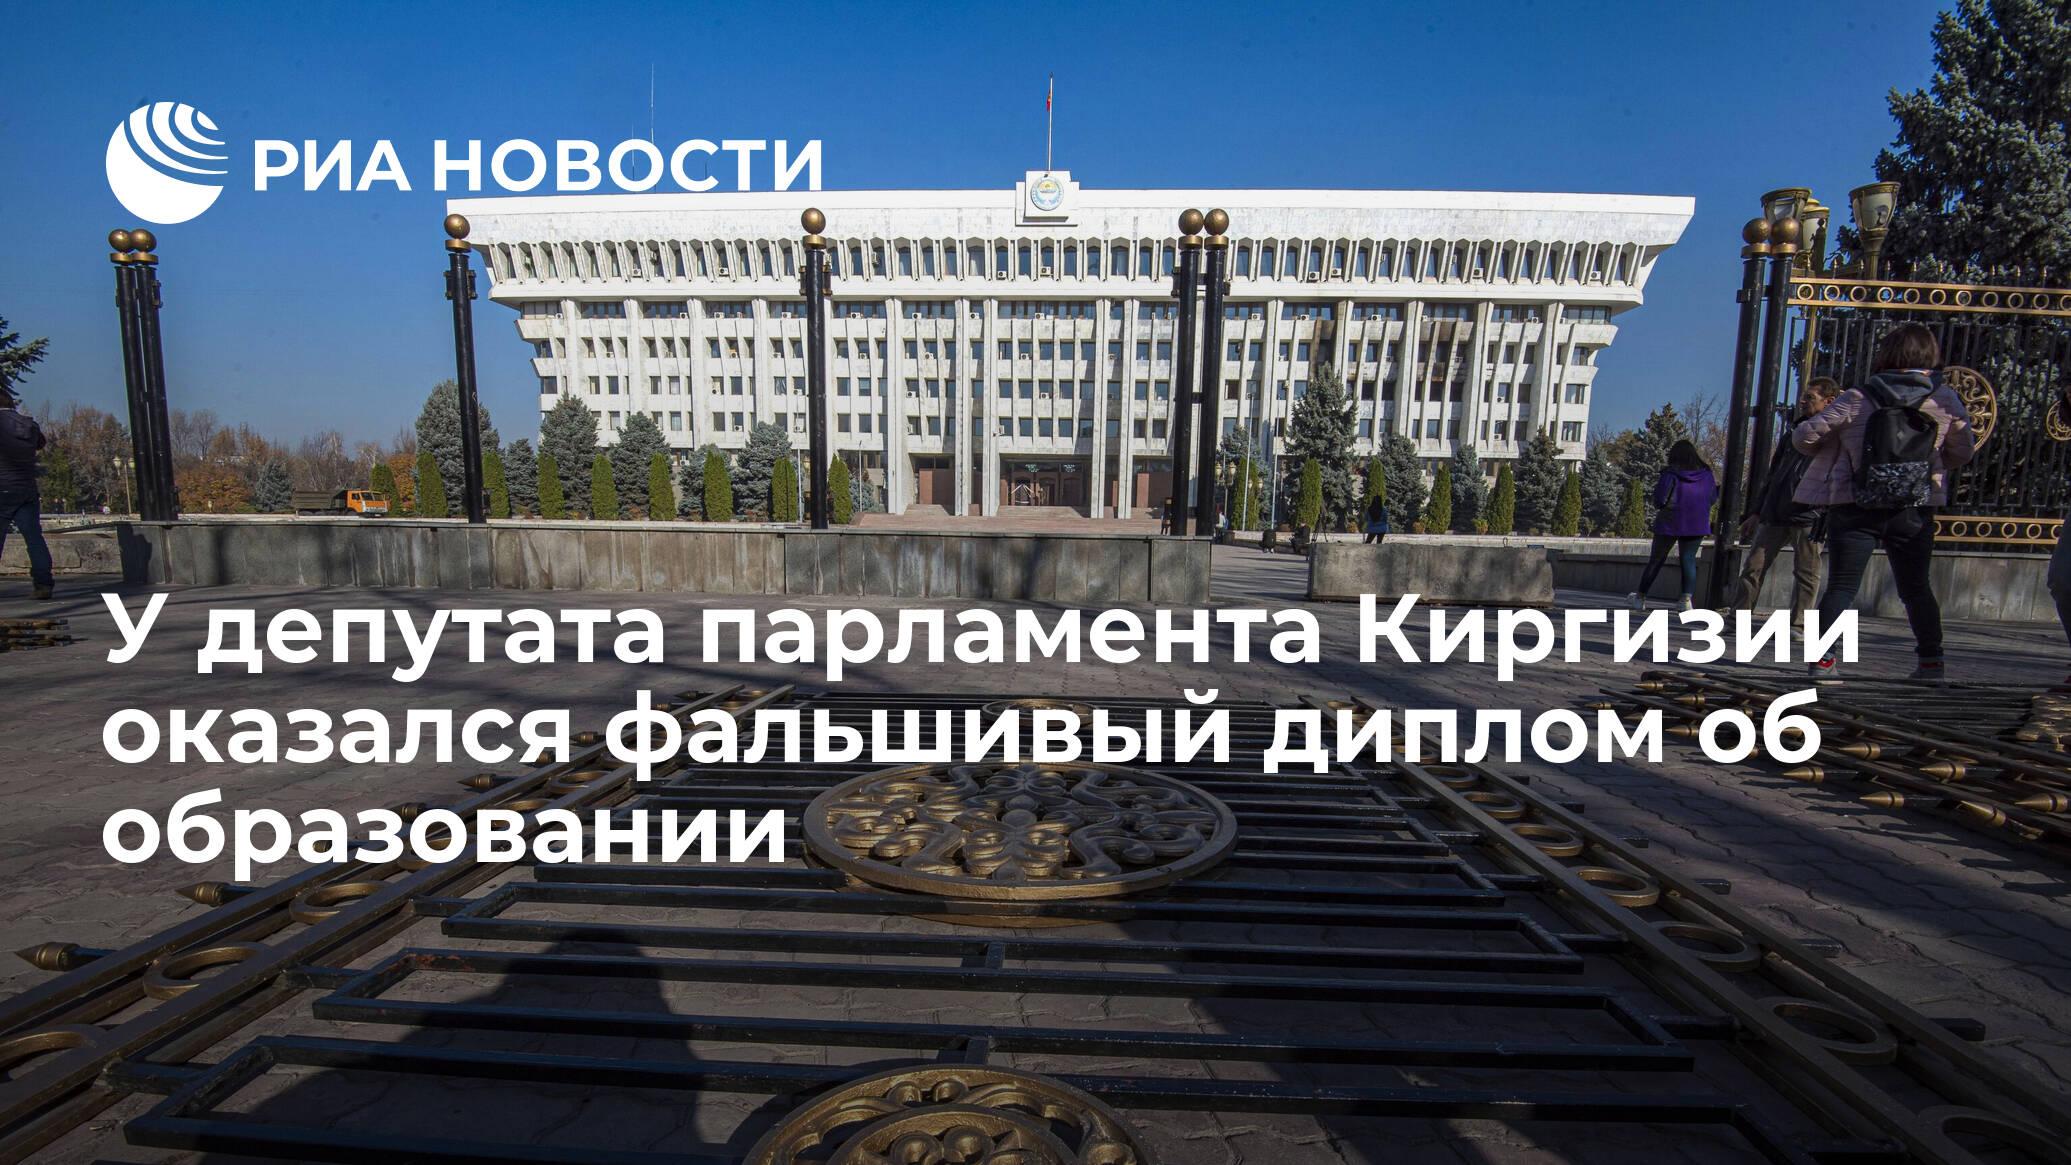 У депутата парламента Киргизии Торобая Зулпукарова оказался фальшивый диплом об образовании